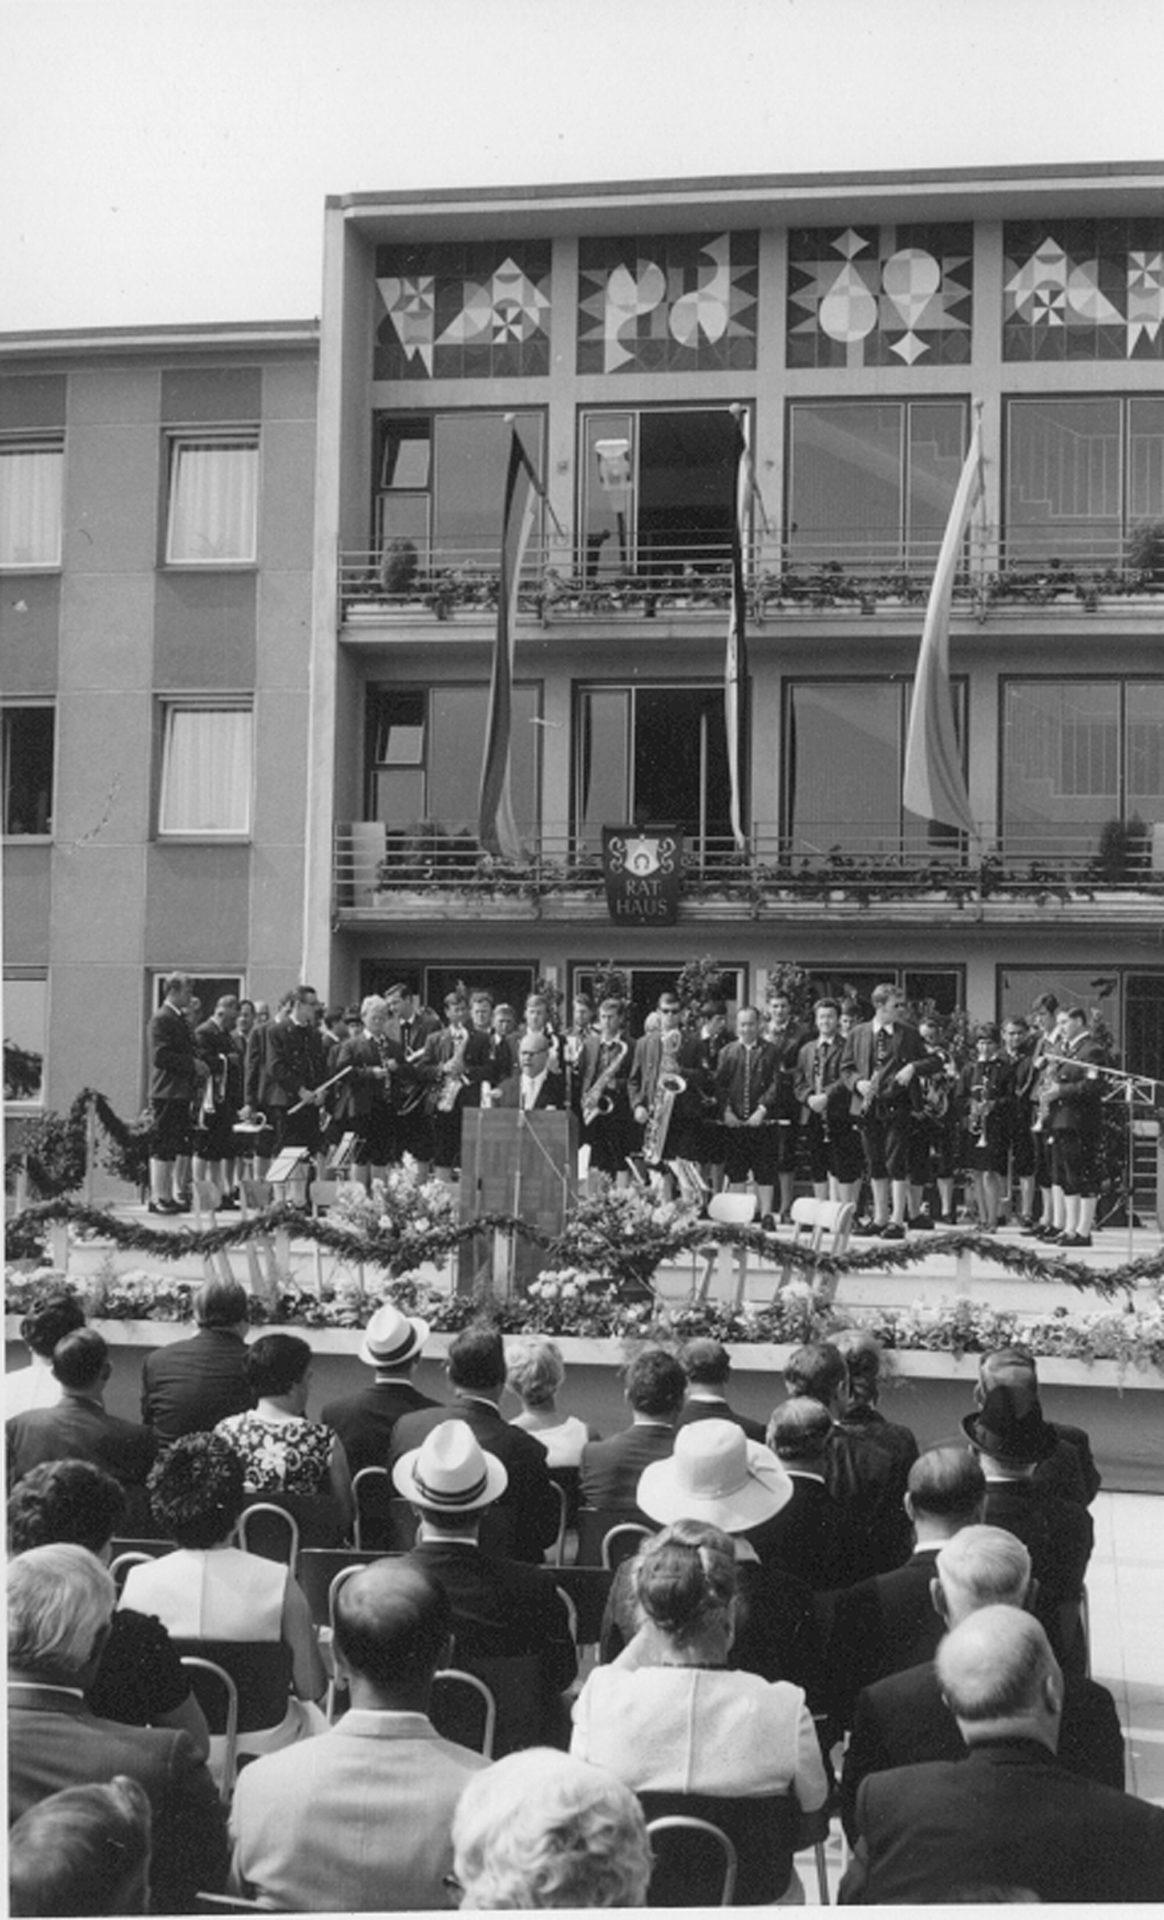 Die Stadtkapelle Bobingen bei der Feier zur Stadterhebung 1969